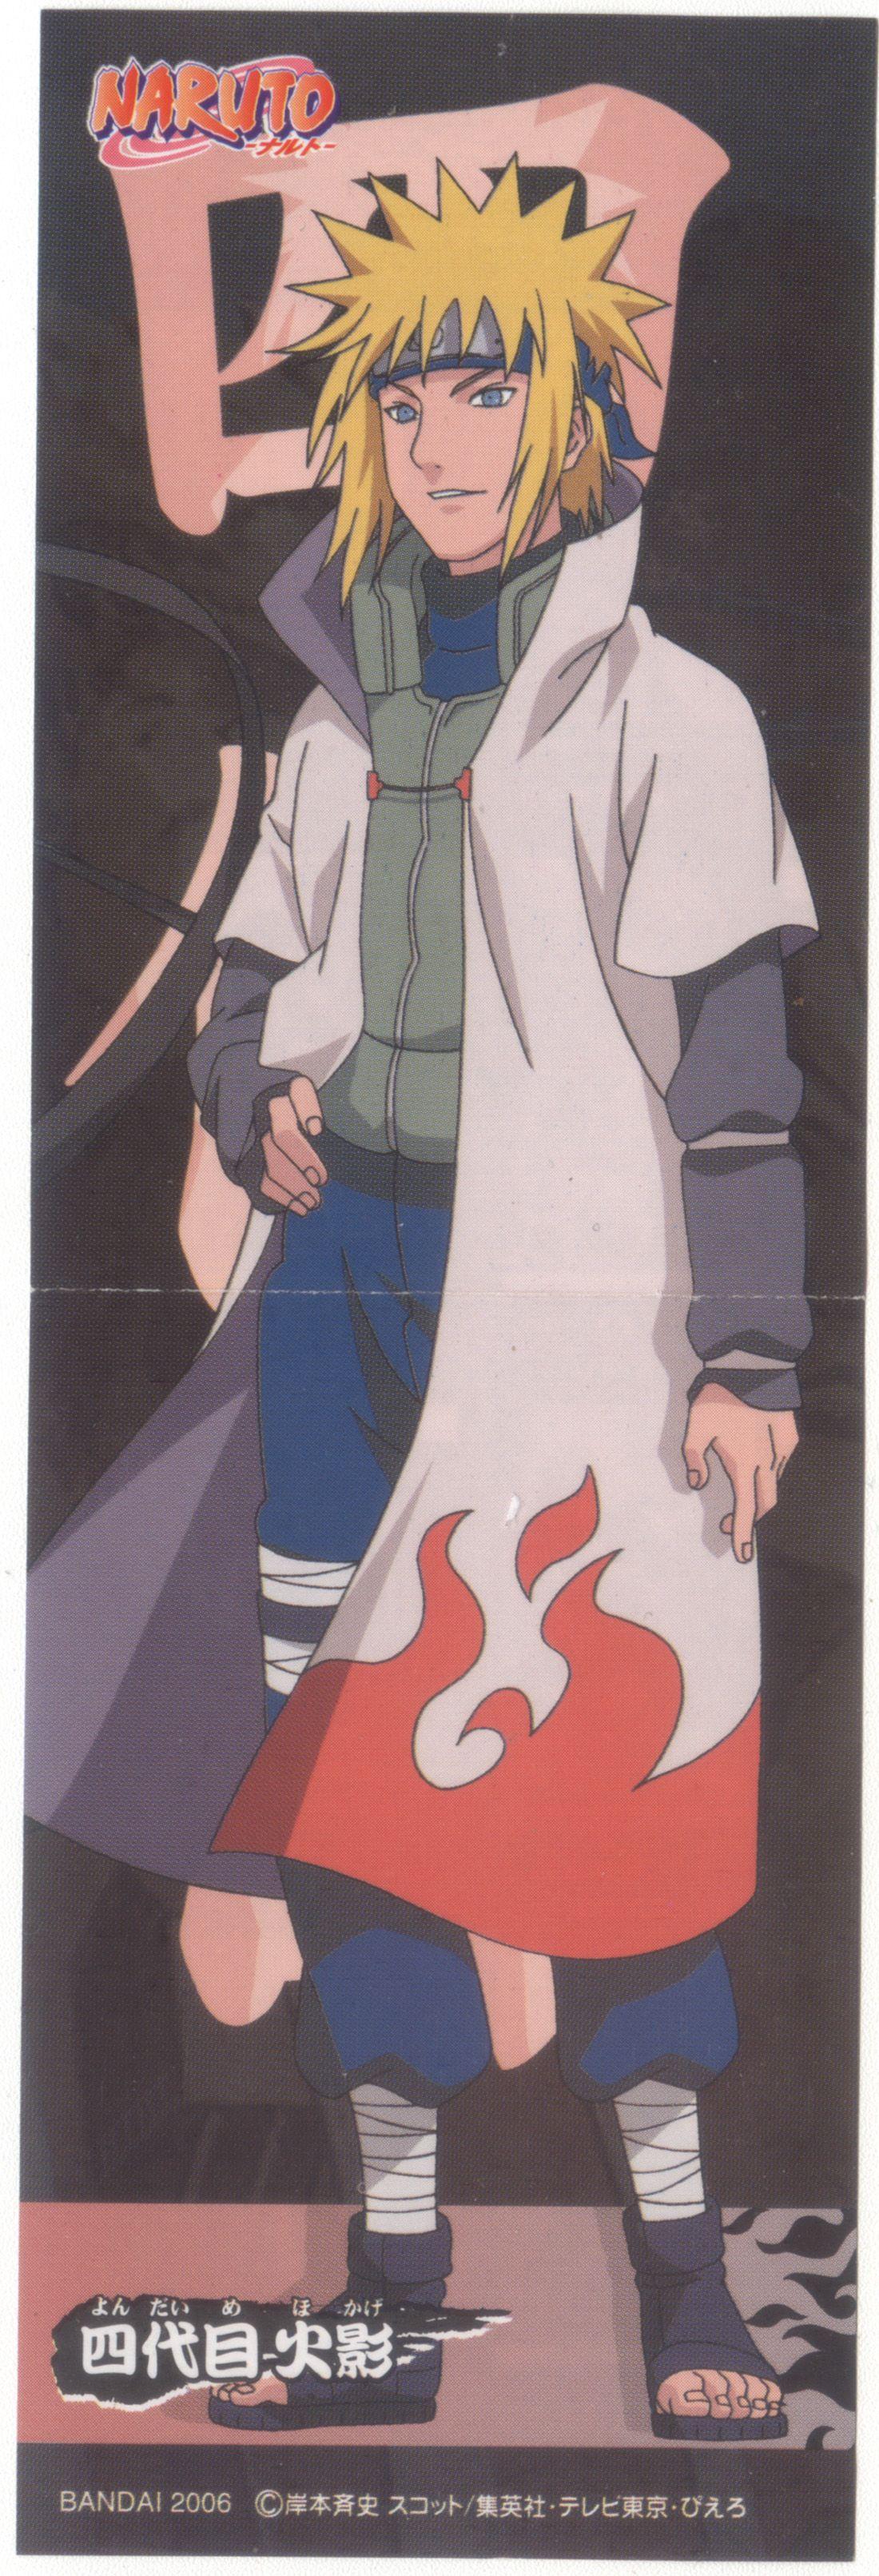 Pin by cʟovєʀ ☘ on иåɾυтσ Manga anime, Naruto, Manga